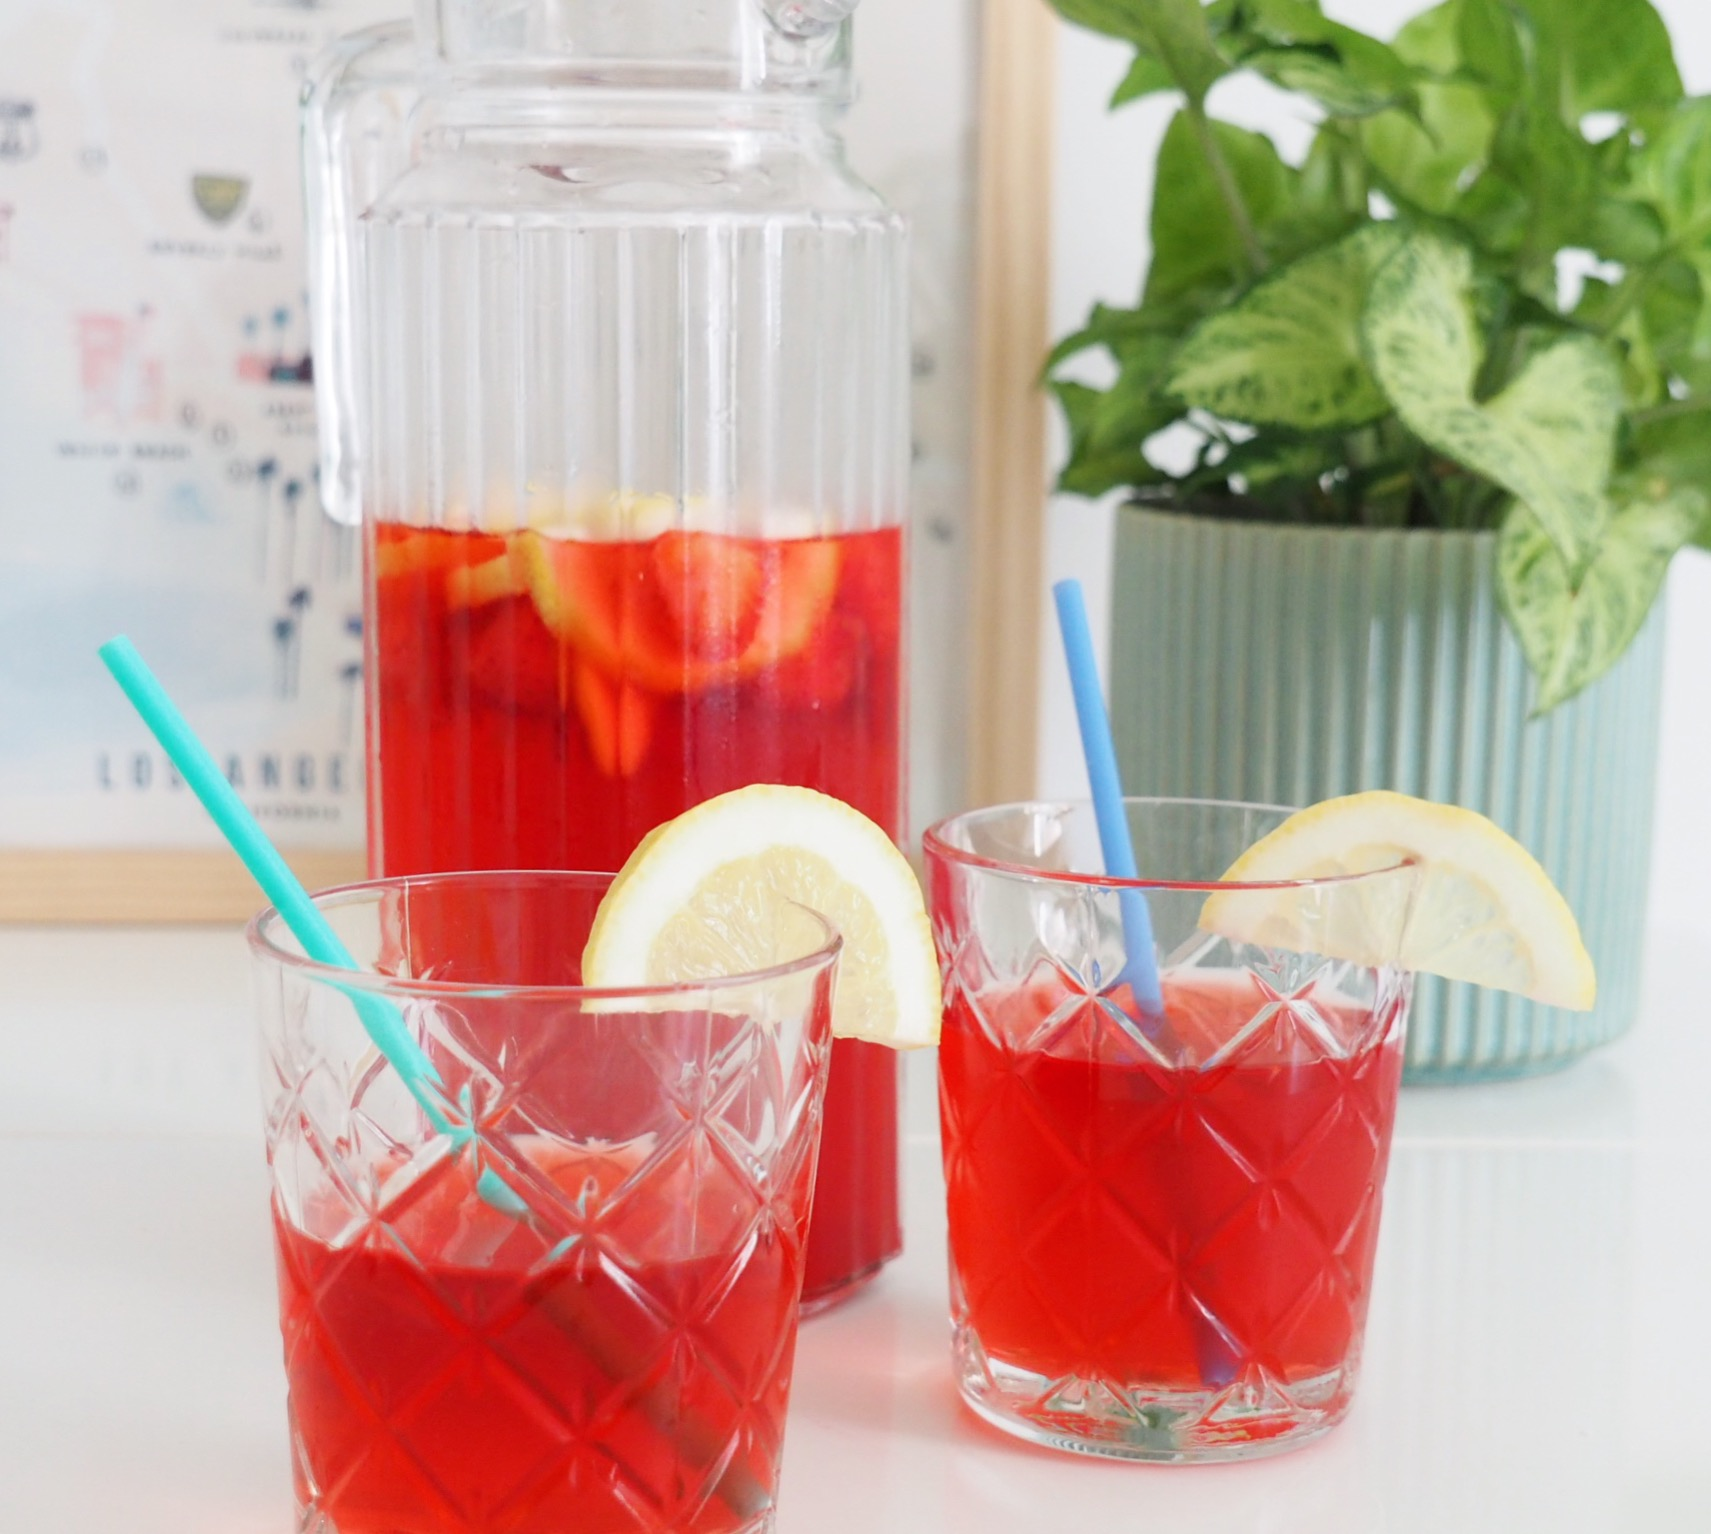 recette-boisson-hibiscus-fraise-citron